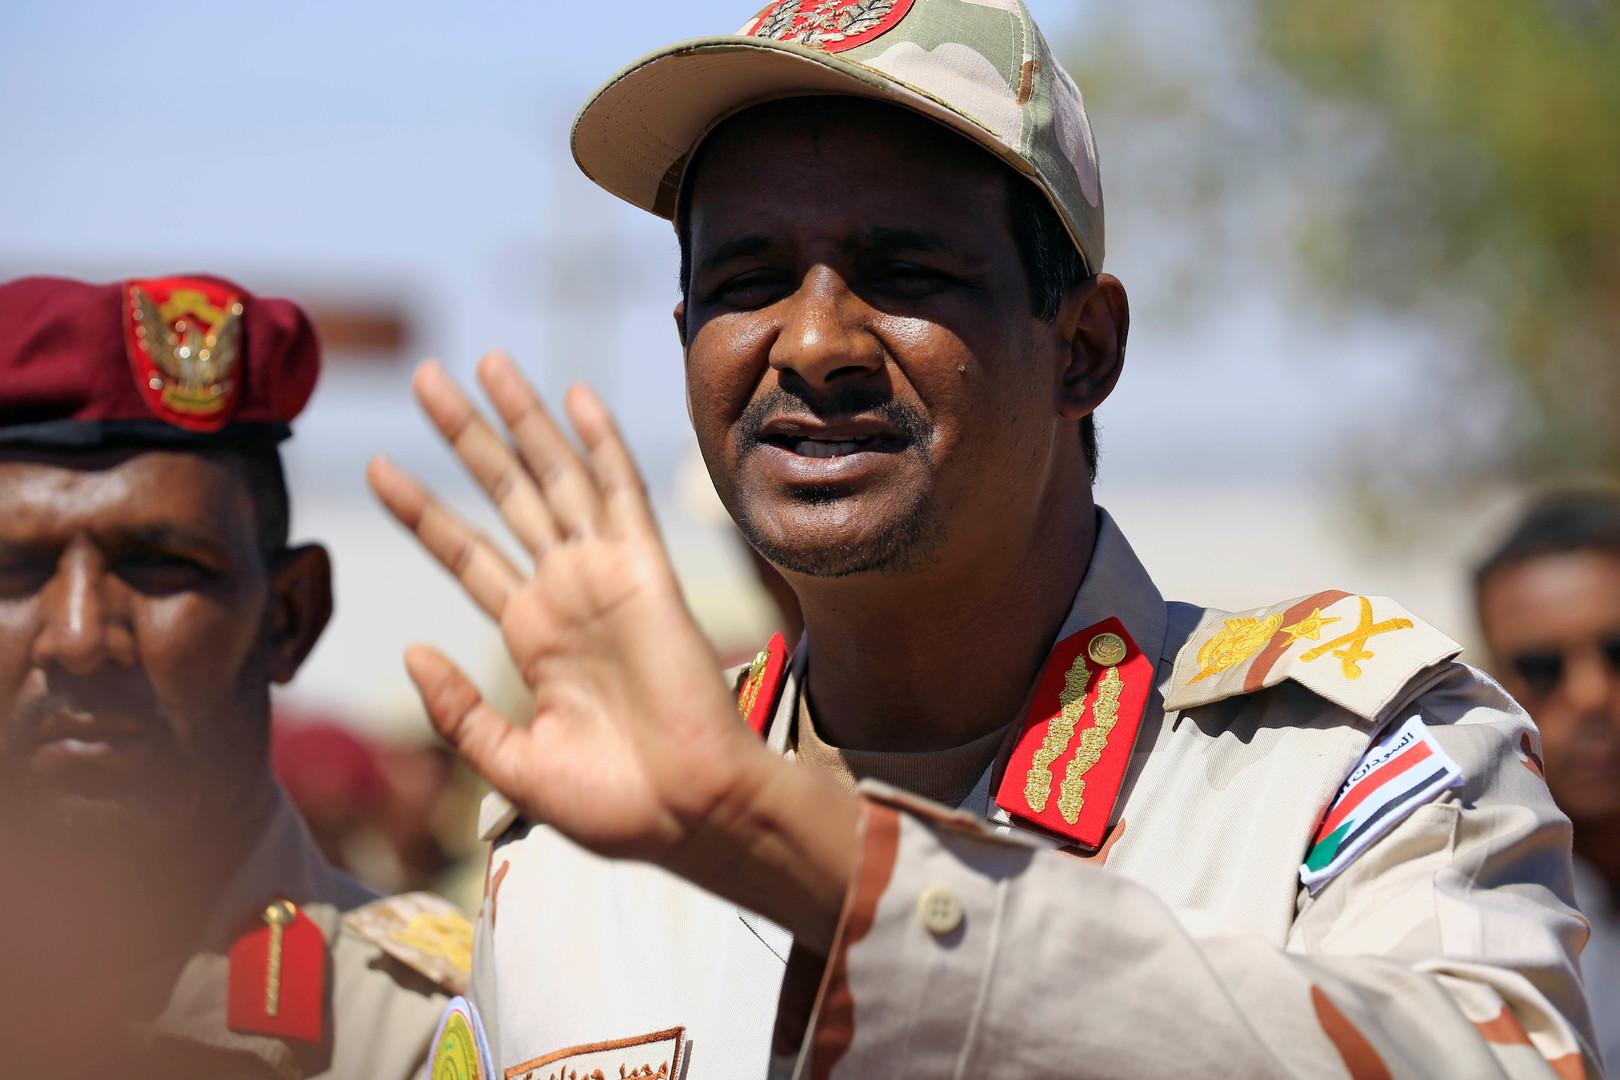 المجلس العسكري السوداني: سنشكل حكومة تكنوقراط بأقصى سرعة